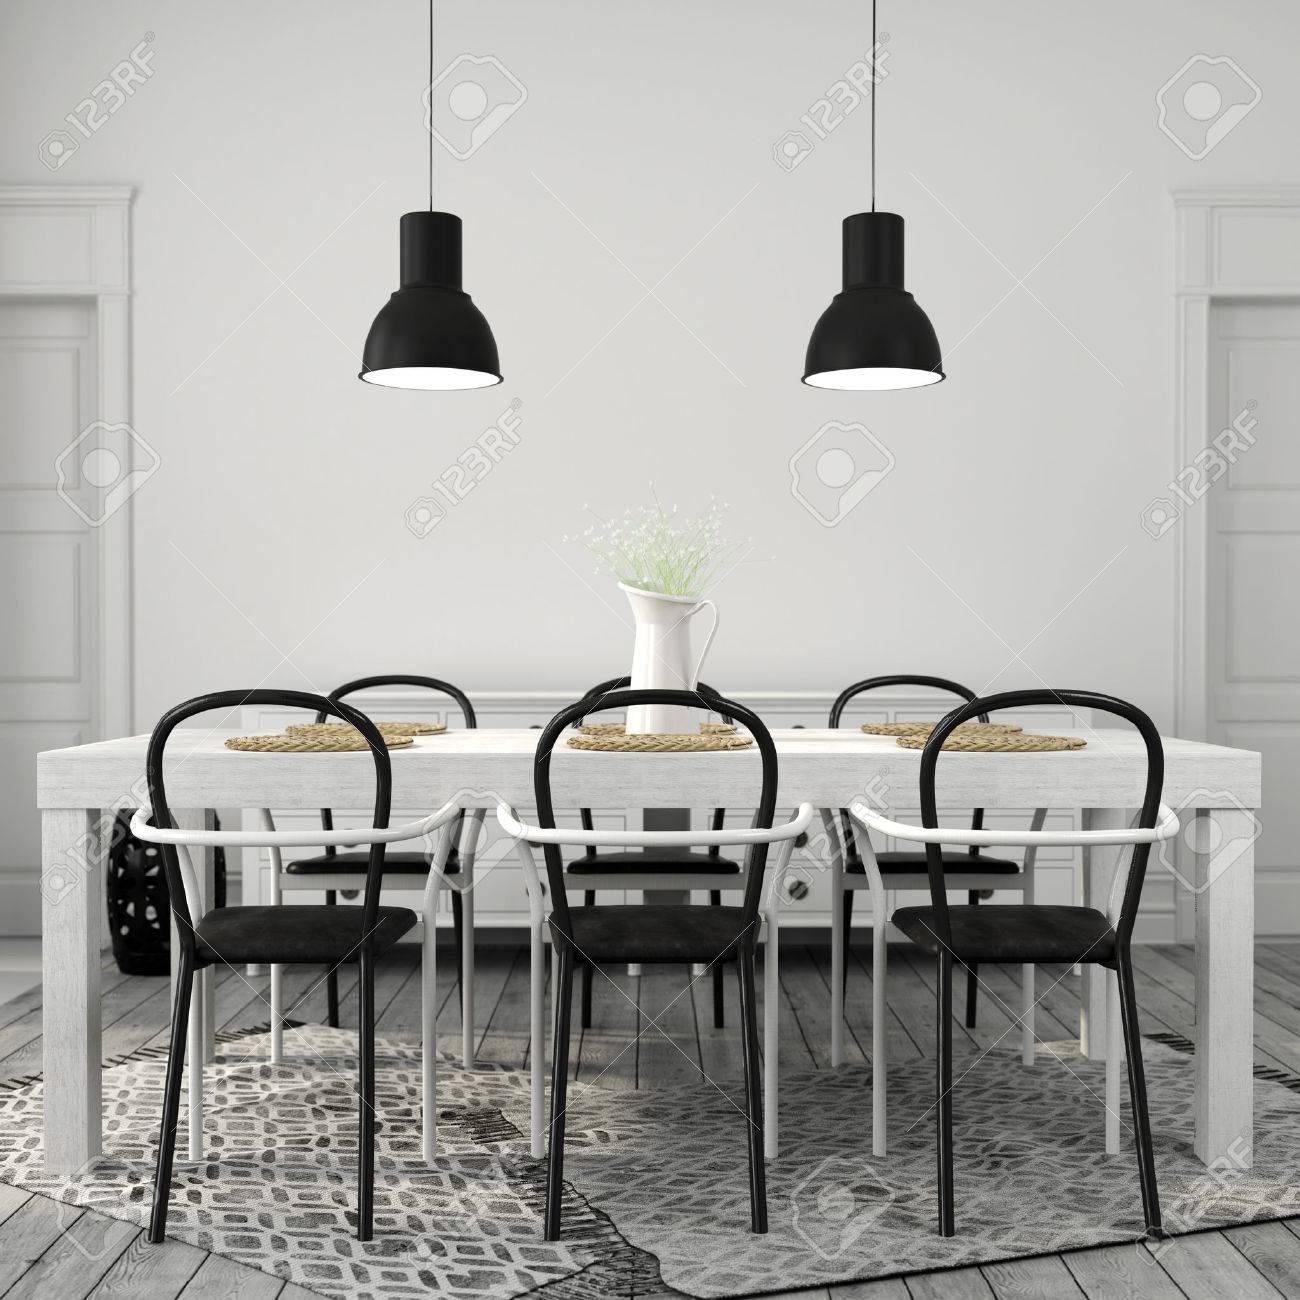 Das Innere Der Essbereich Mit Einem Grossen Weissen Tisch Mit Schwarzen Stuhlen Lizenzfreie Fotos Bilder Und Stock Fotografie Image 56252377